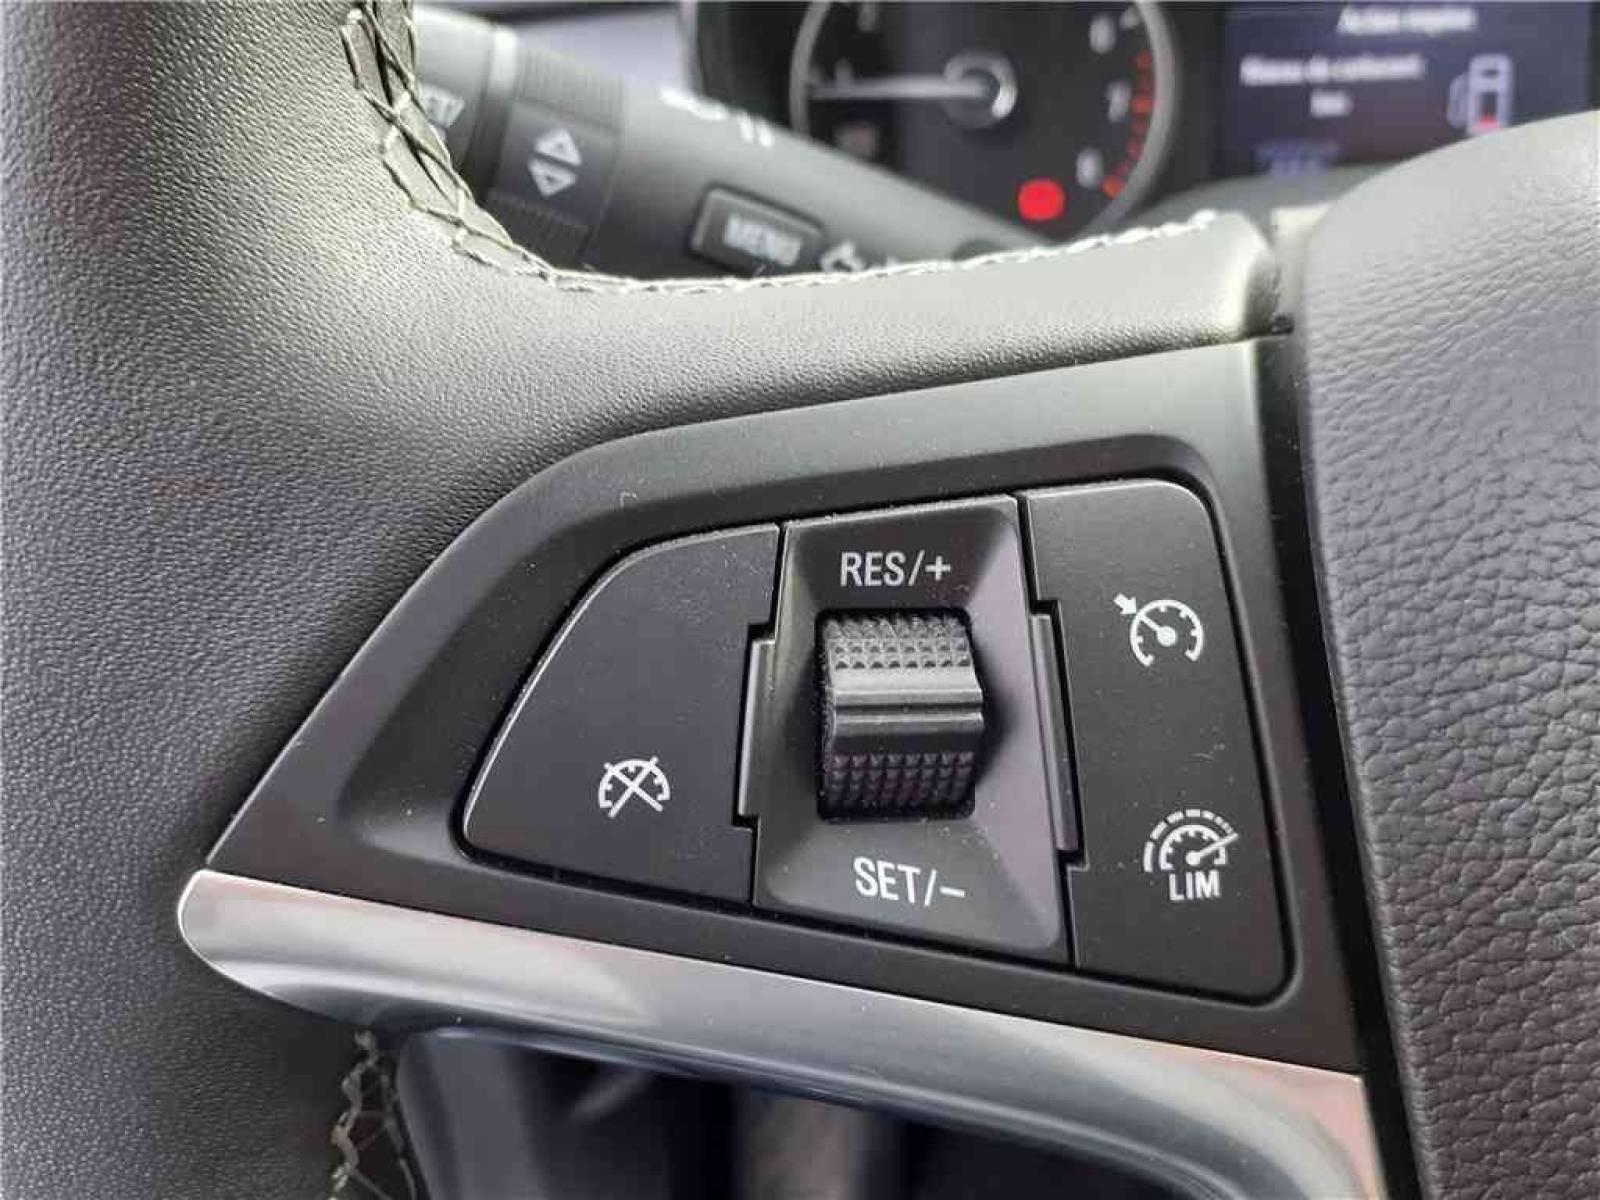 OPEL Mokka X 1.4 Turbo - 140 ch 4x2 - véhicule d'occasion - Groupe Guillet - Opel Magicauto - Montceau-les-Mines - 71300 - Montceau-les-Mines - 30